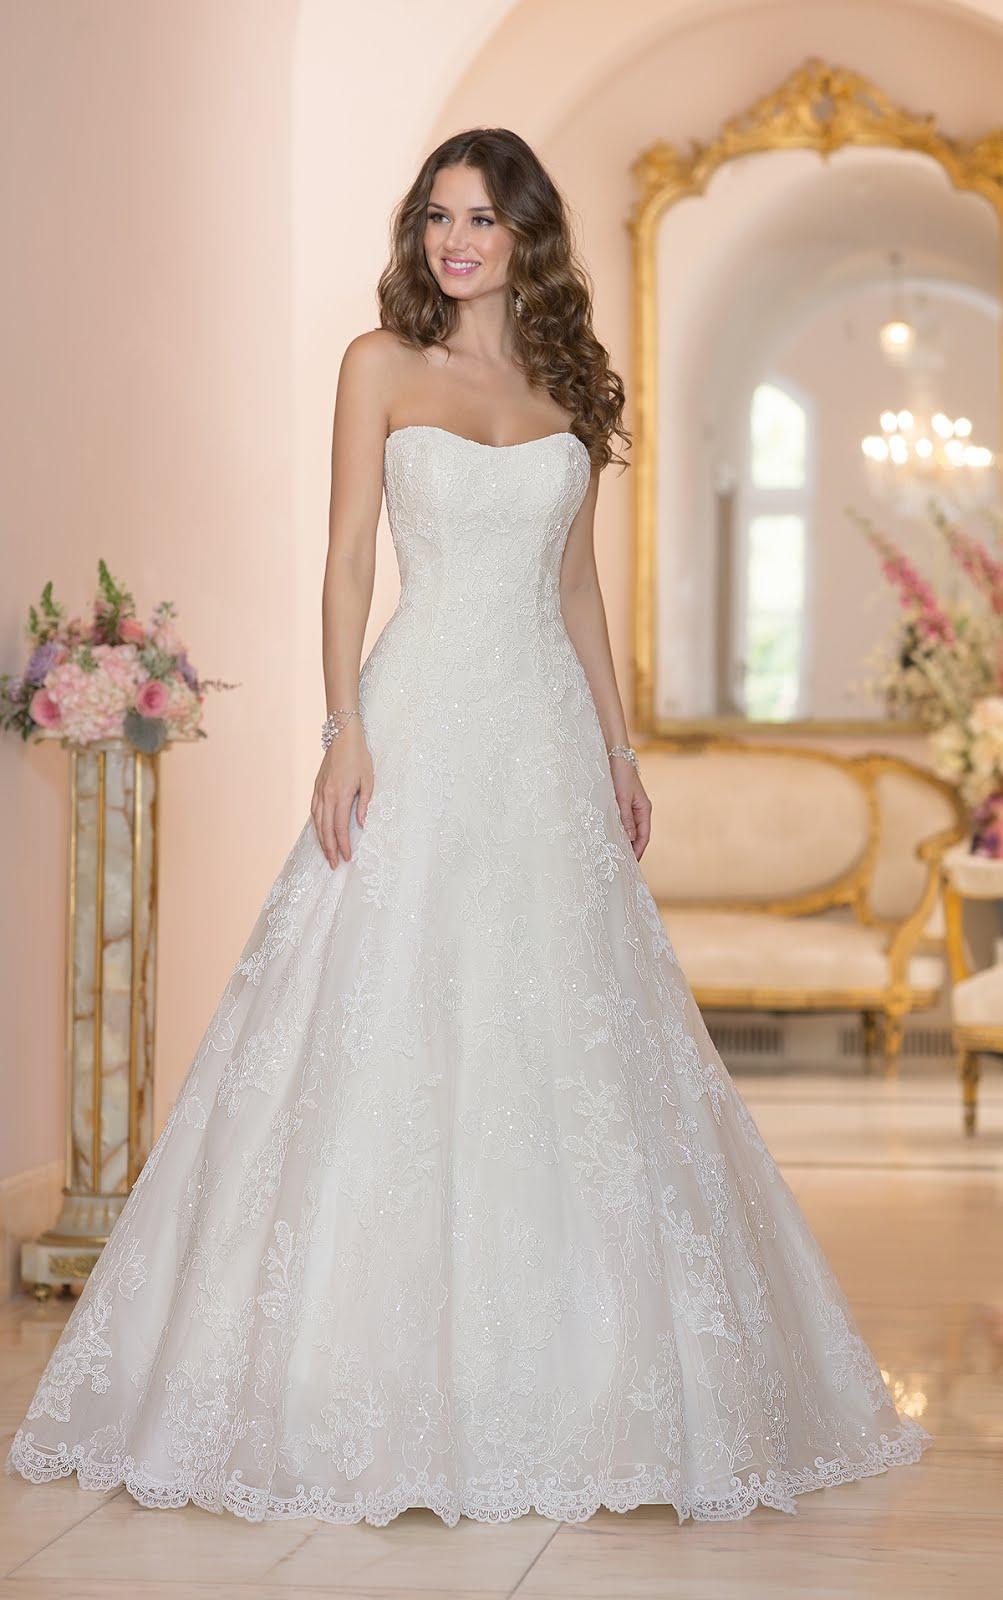 hochzeitskleid spitze kosten – Die besten Momente der Hochzeit 2017 ...